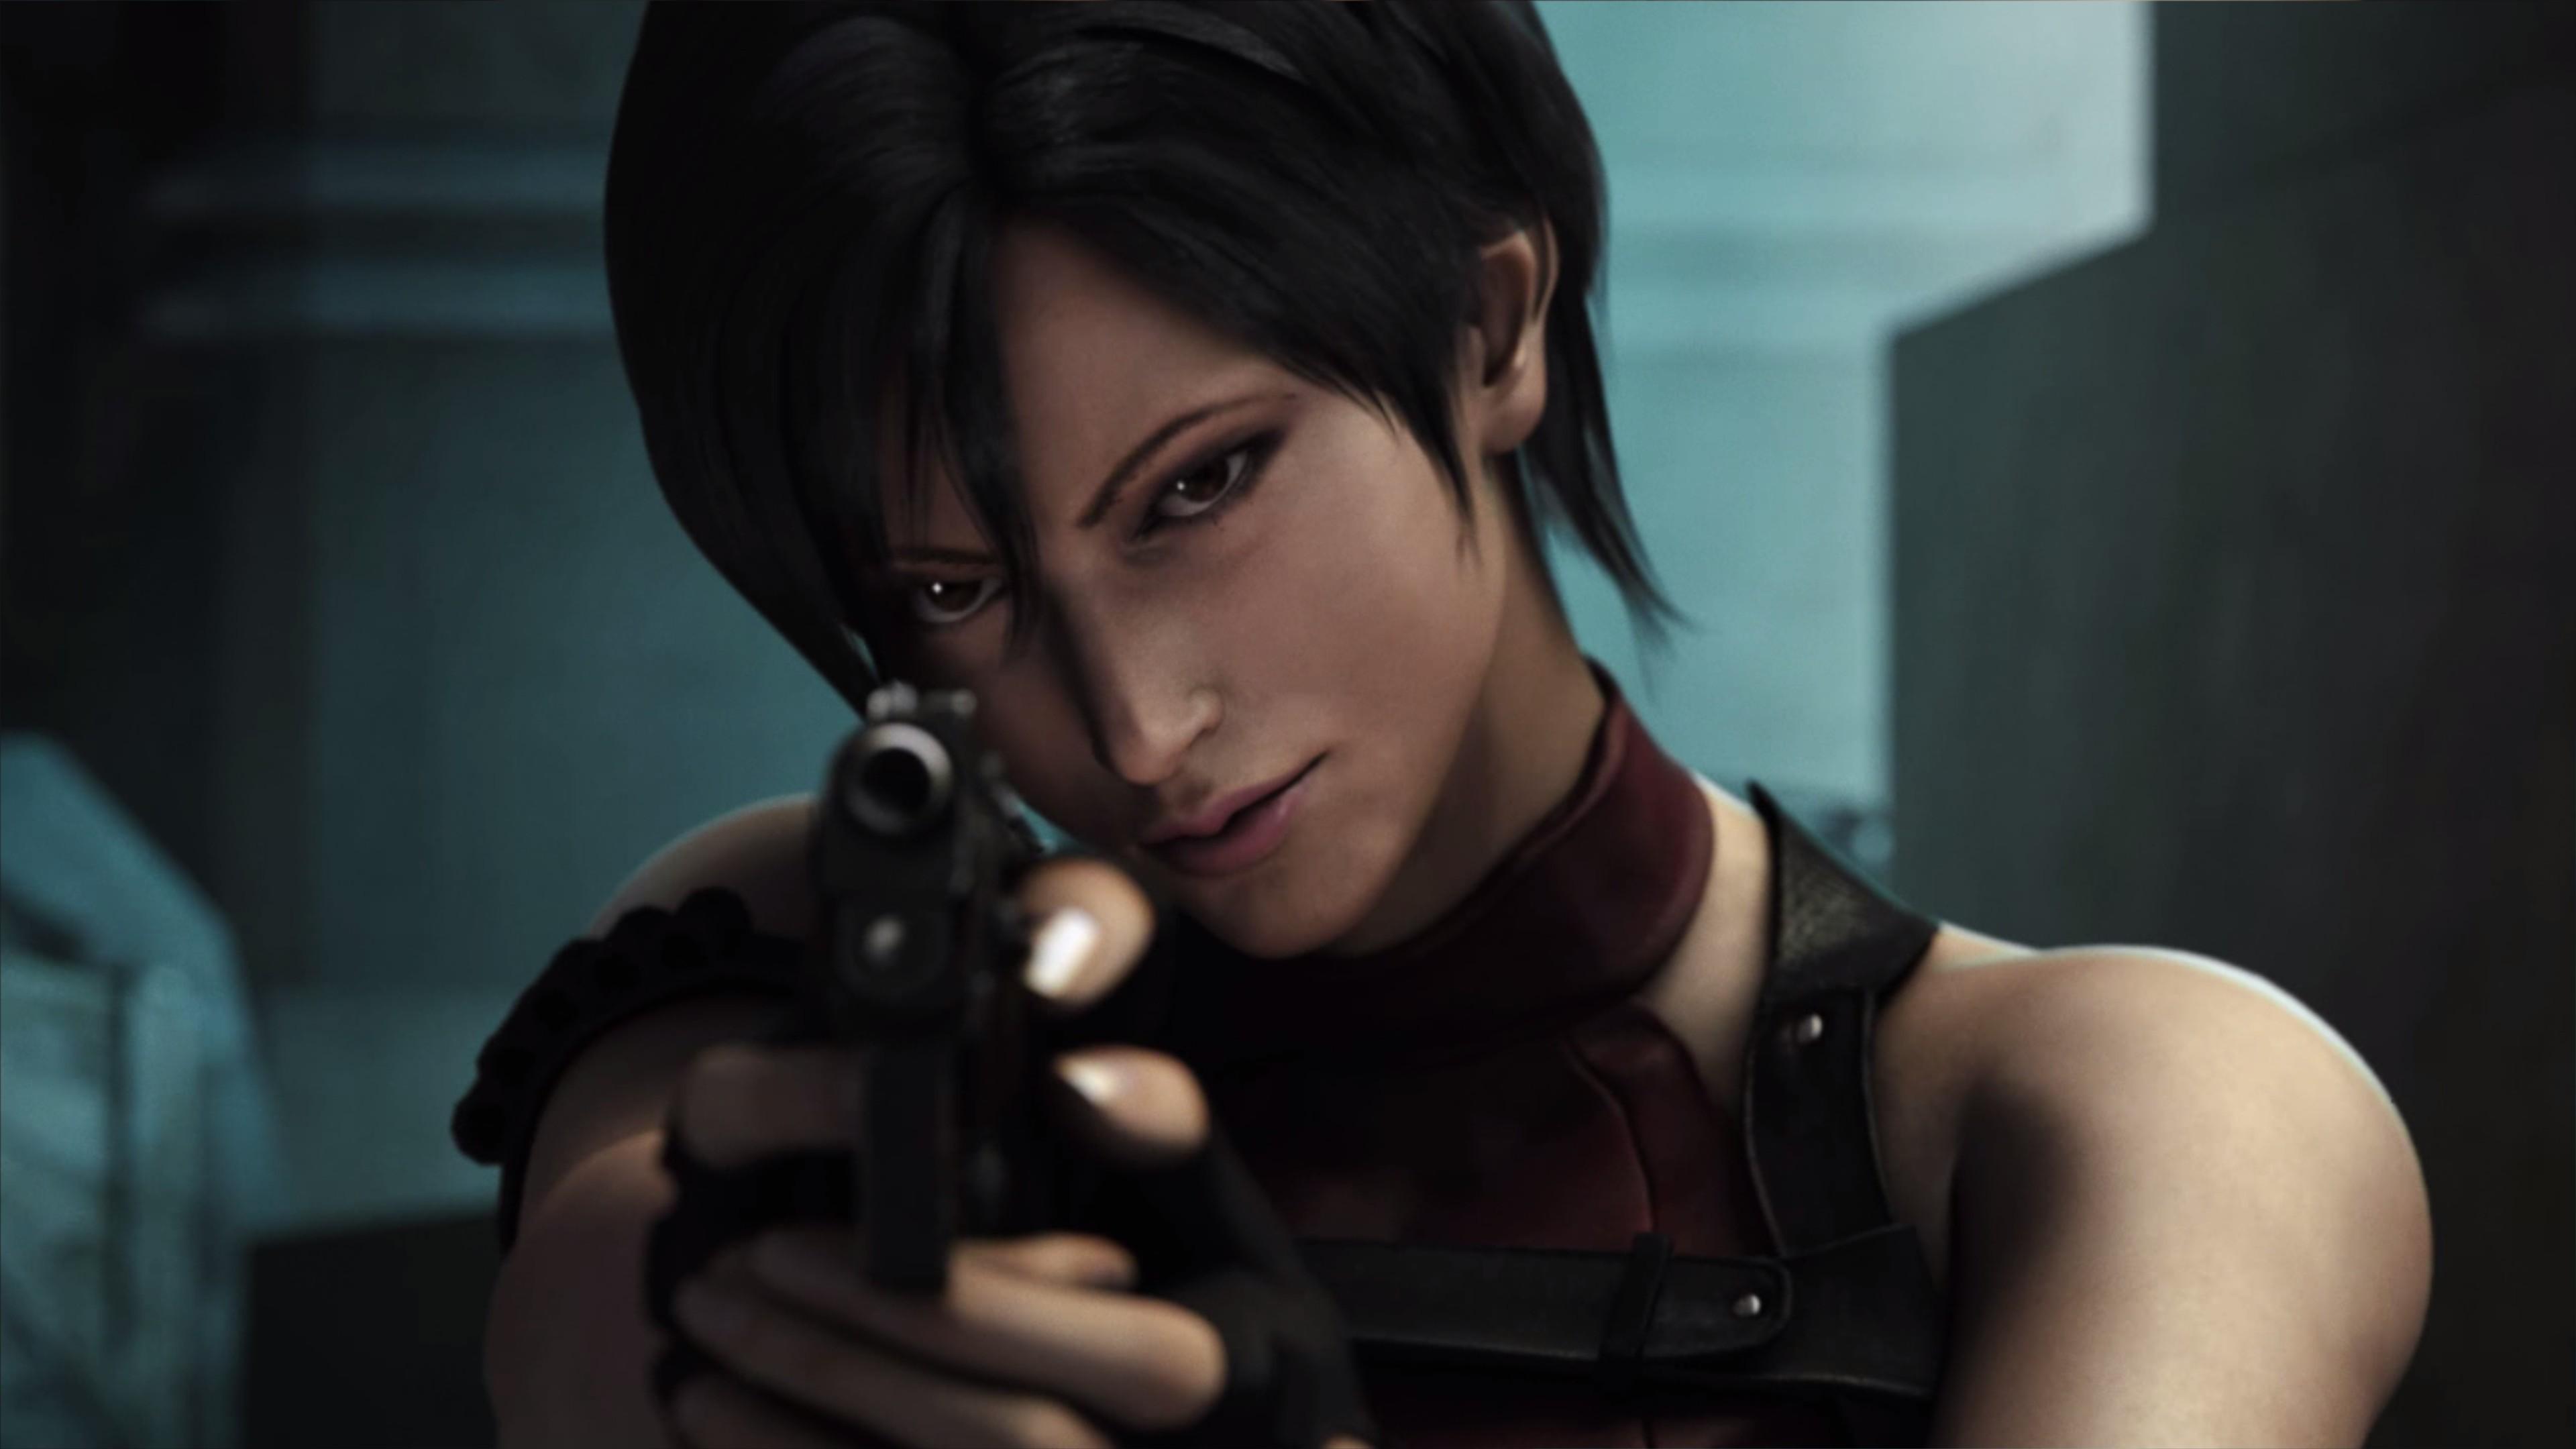 Wallpaper Ada Wong Resident Evil Resident Evil 4 Girl With